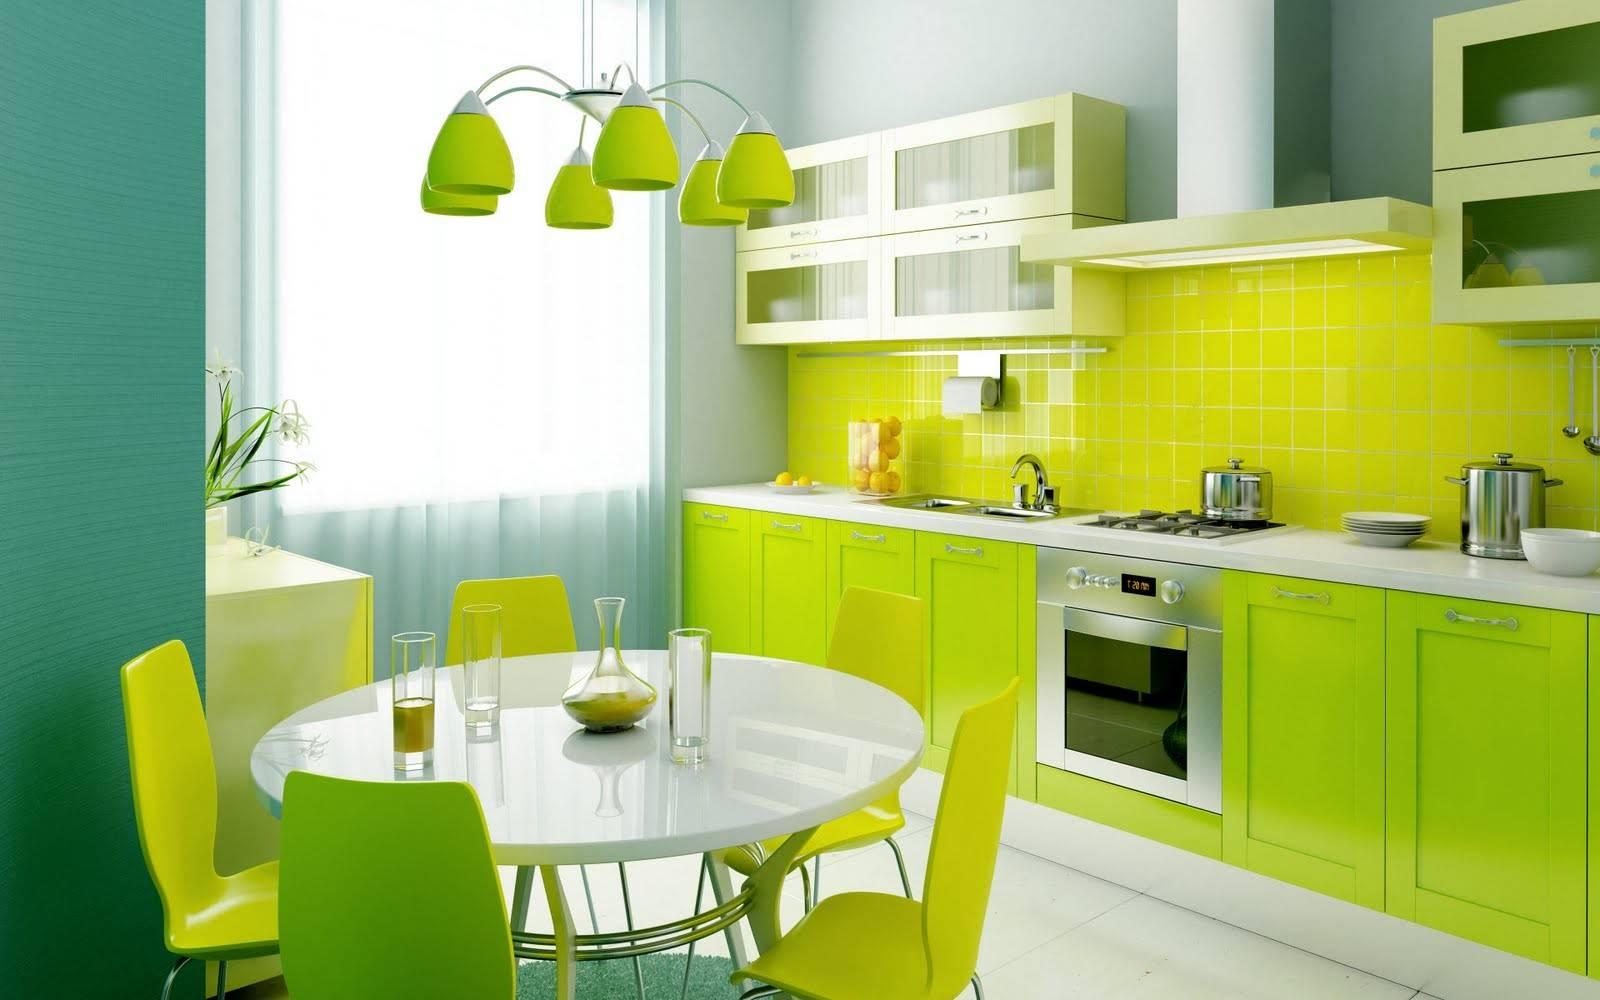 Тренд в интерьере: зеленый цвет - фото №3